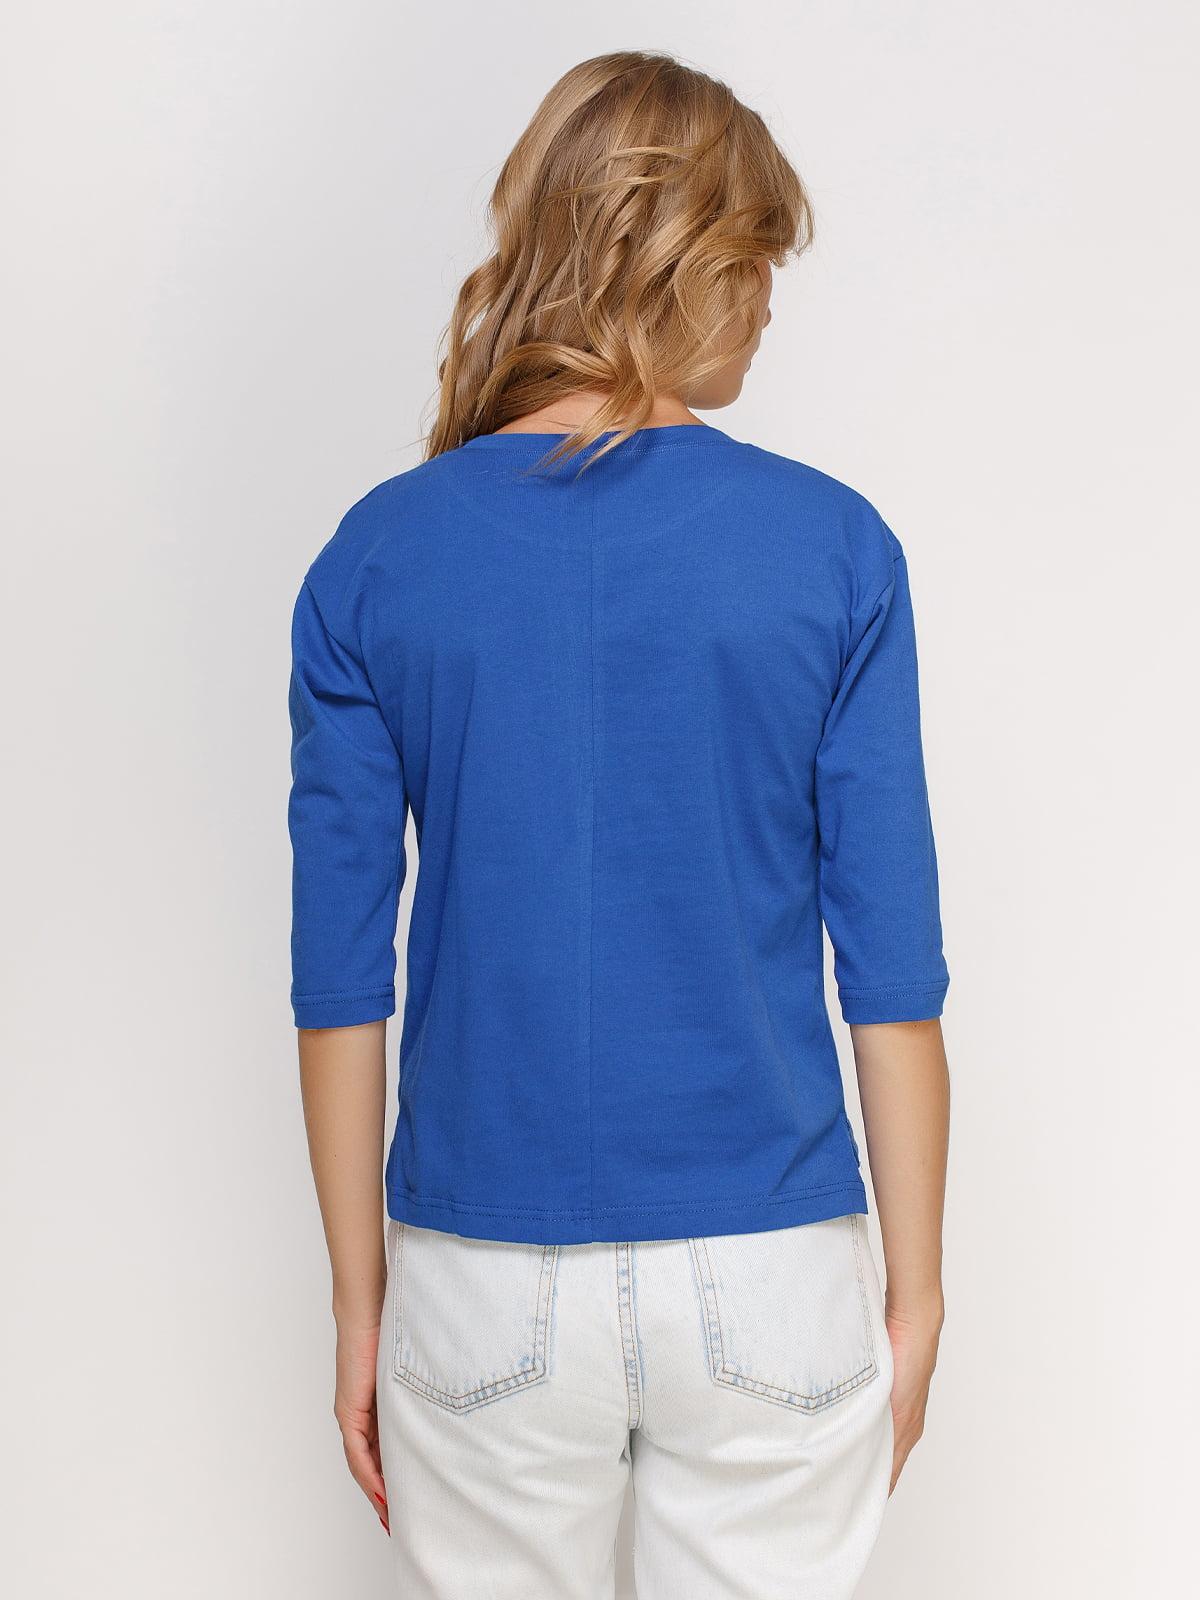 Лонгслив синий с принтом | 4578169 | фото 2